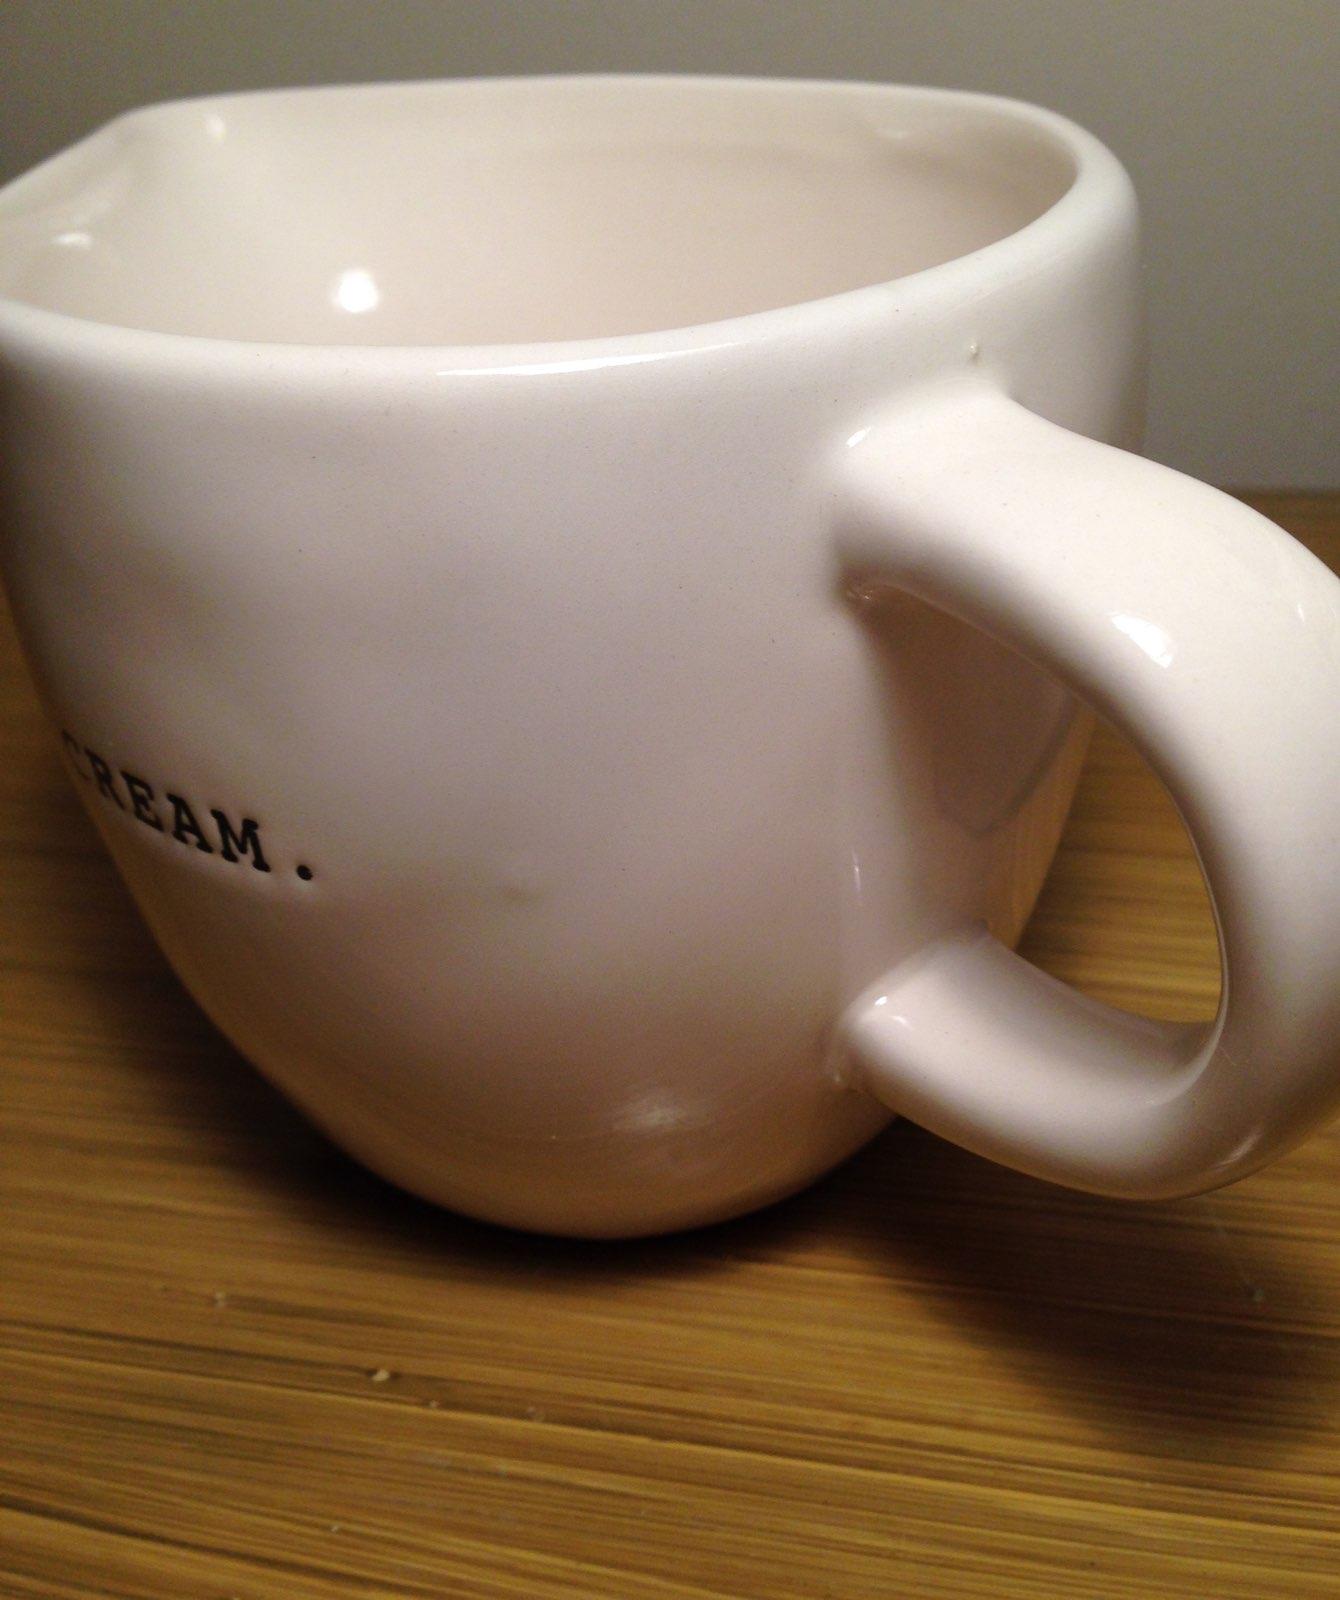 Rae Dunn Typewriter Cream Sugar Bowl